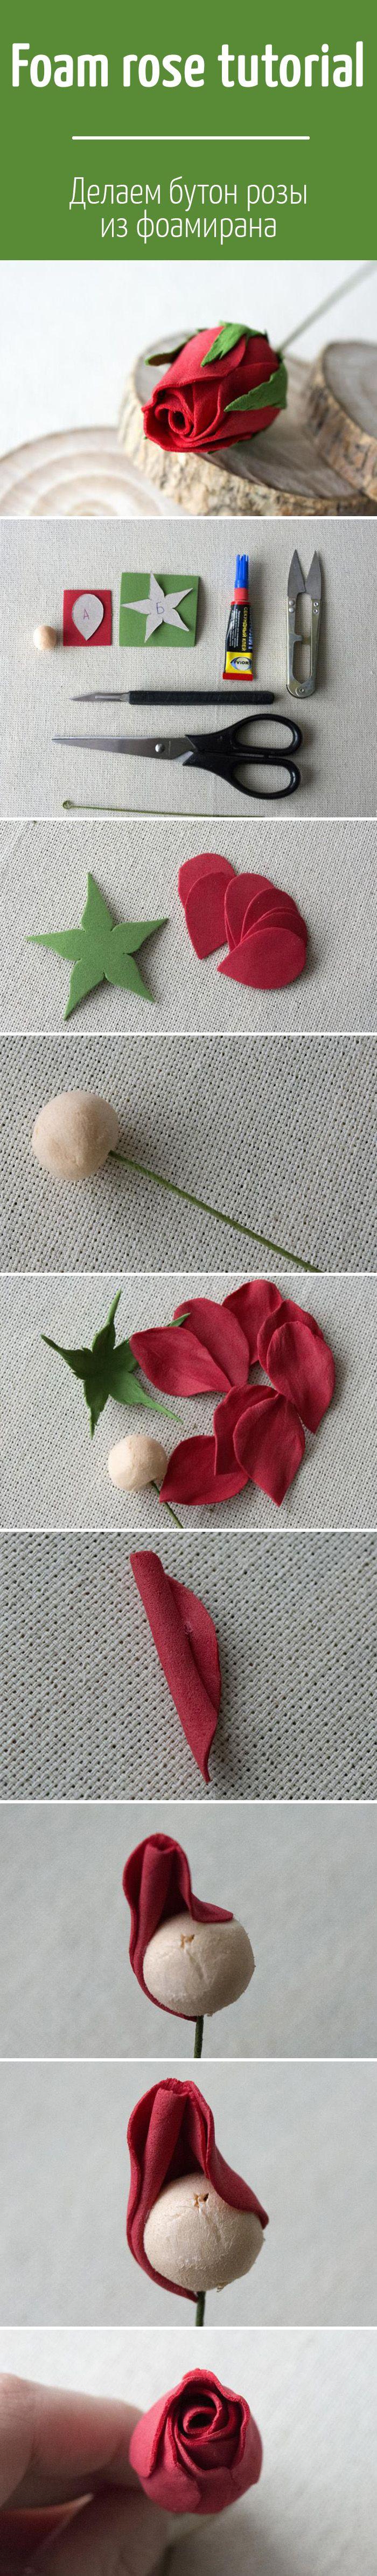 FOM Foam rose tutorial ДеРаем бутон розы из фоамирана